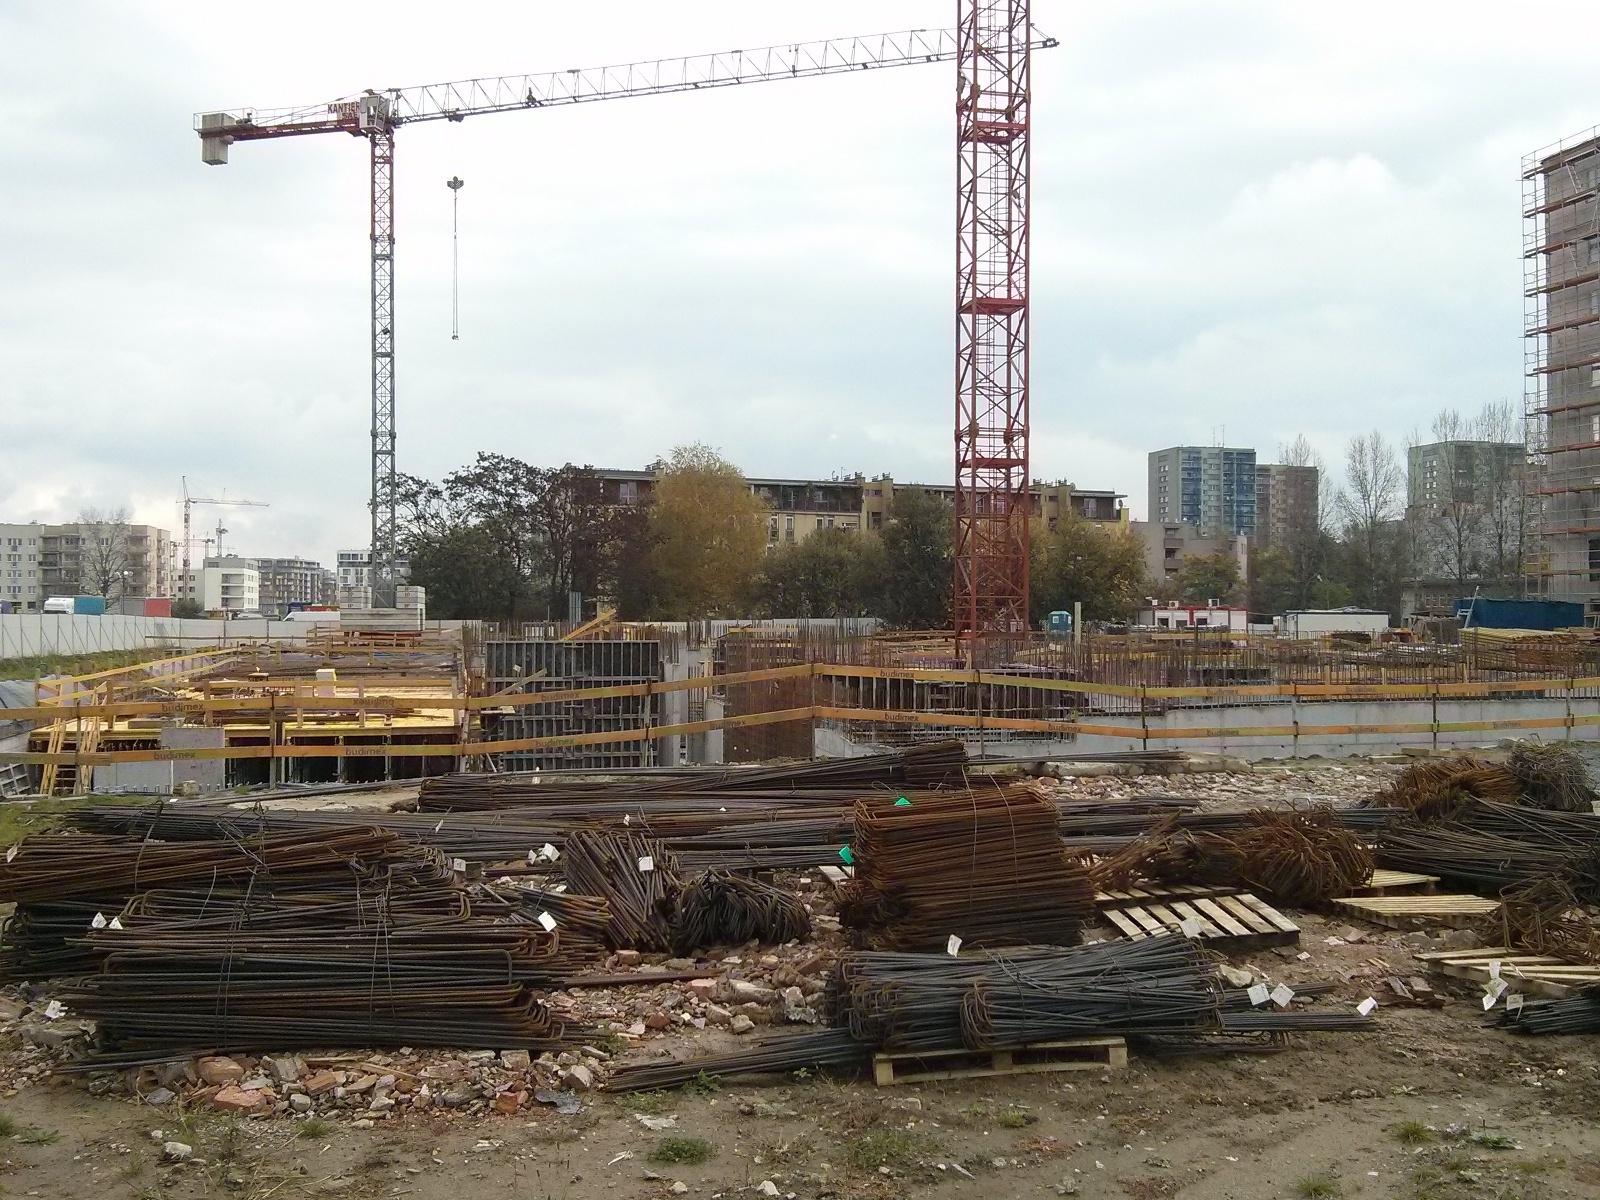 Plac budowy osiedla Avia III oraz przygotowane pręty na zbrojenia